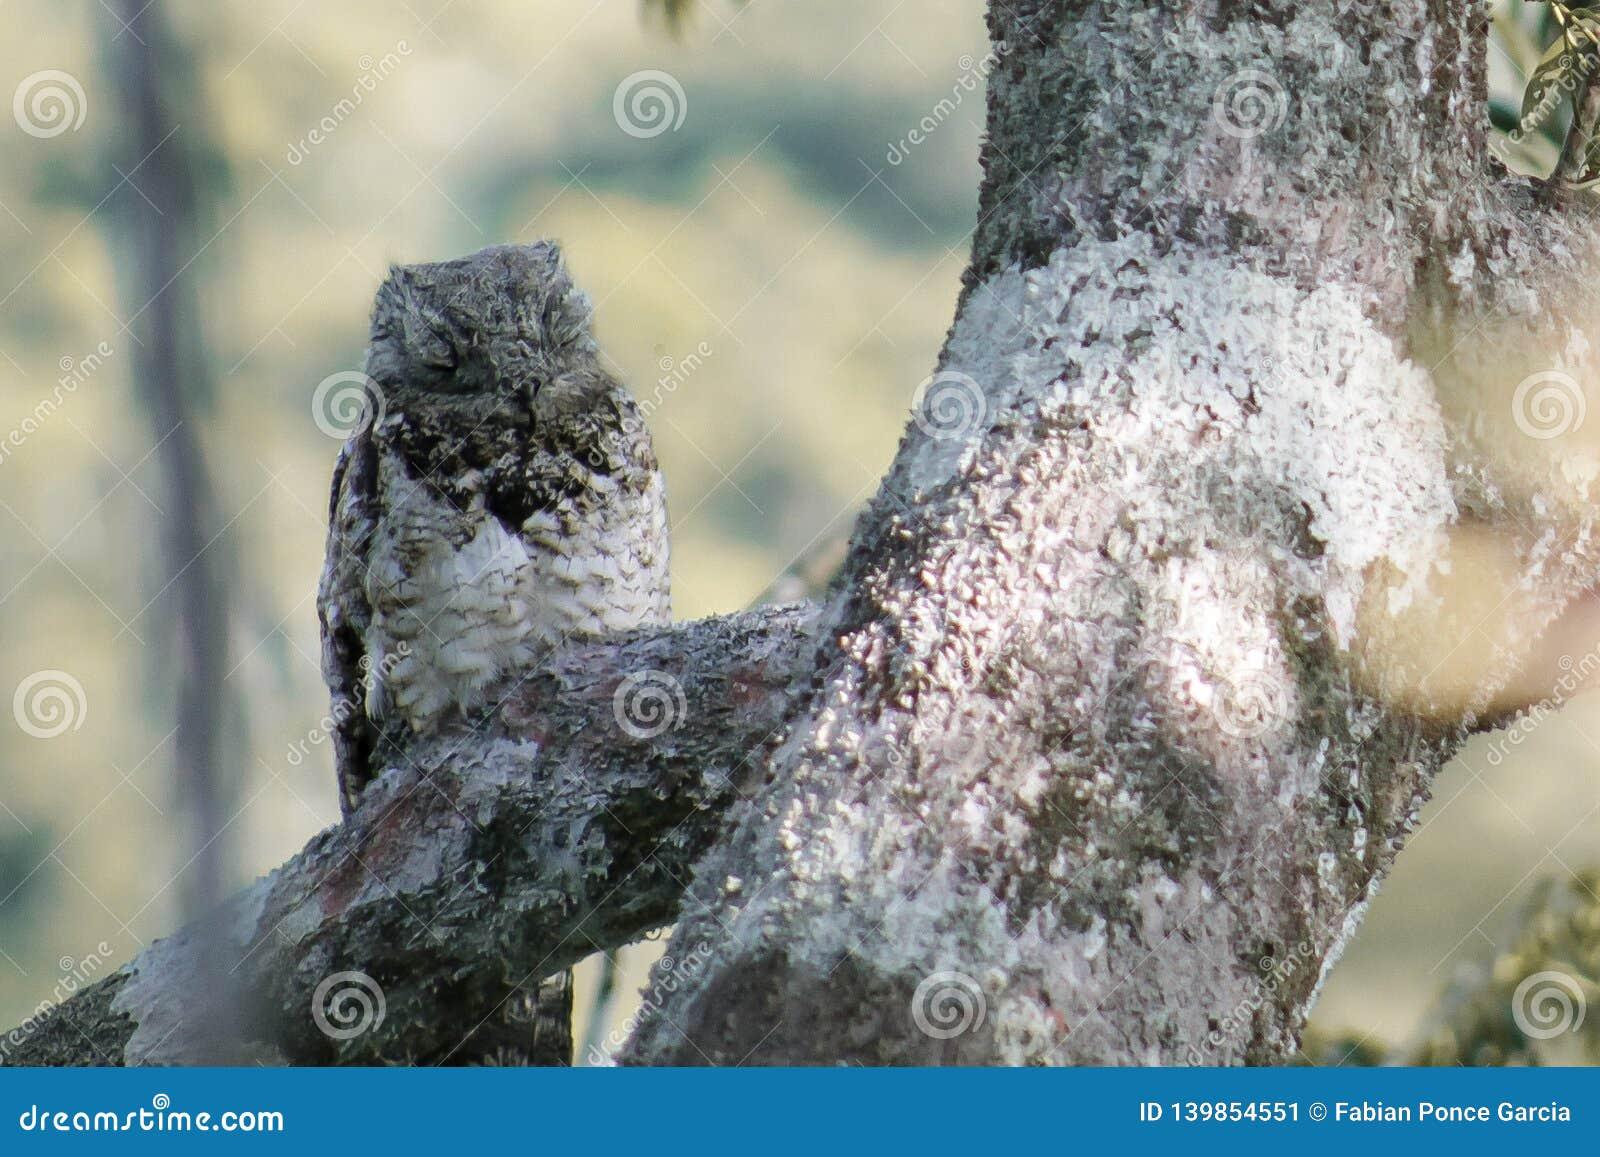 Coruja adormecida em um ramo